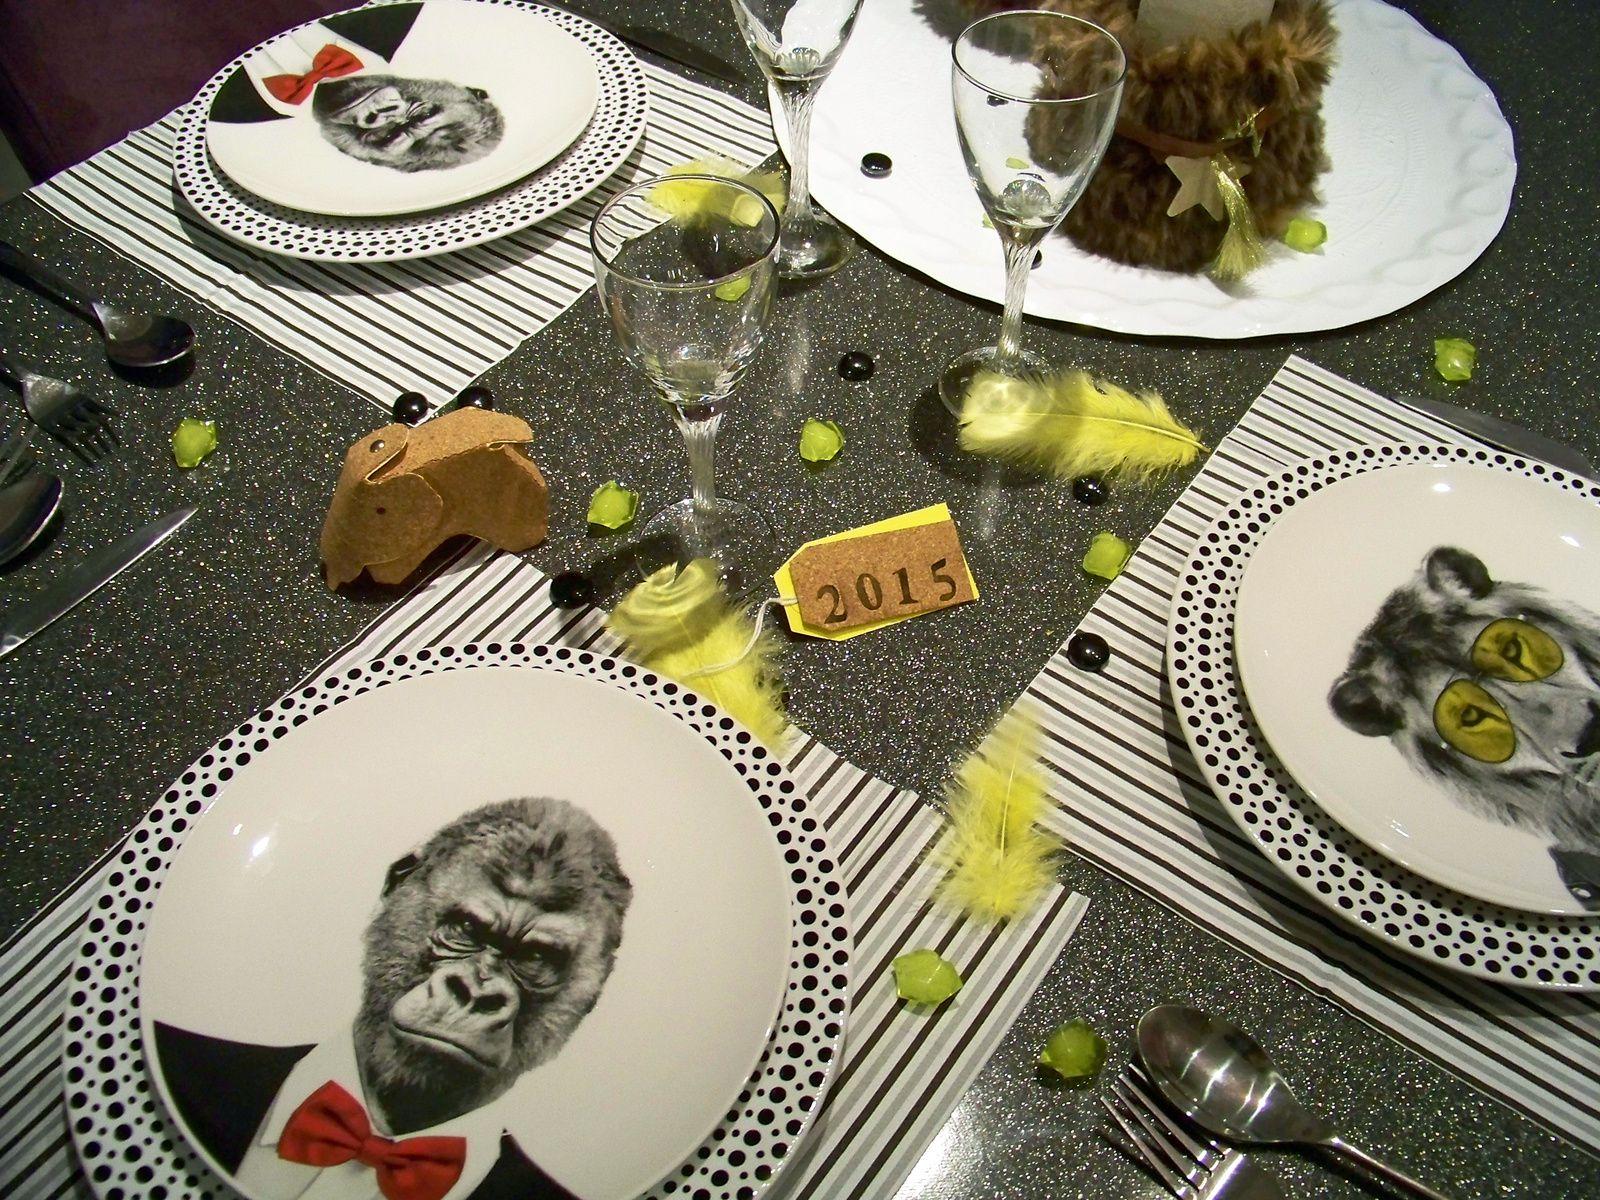 Une ménagerie dans les assiettes